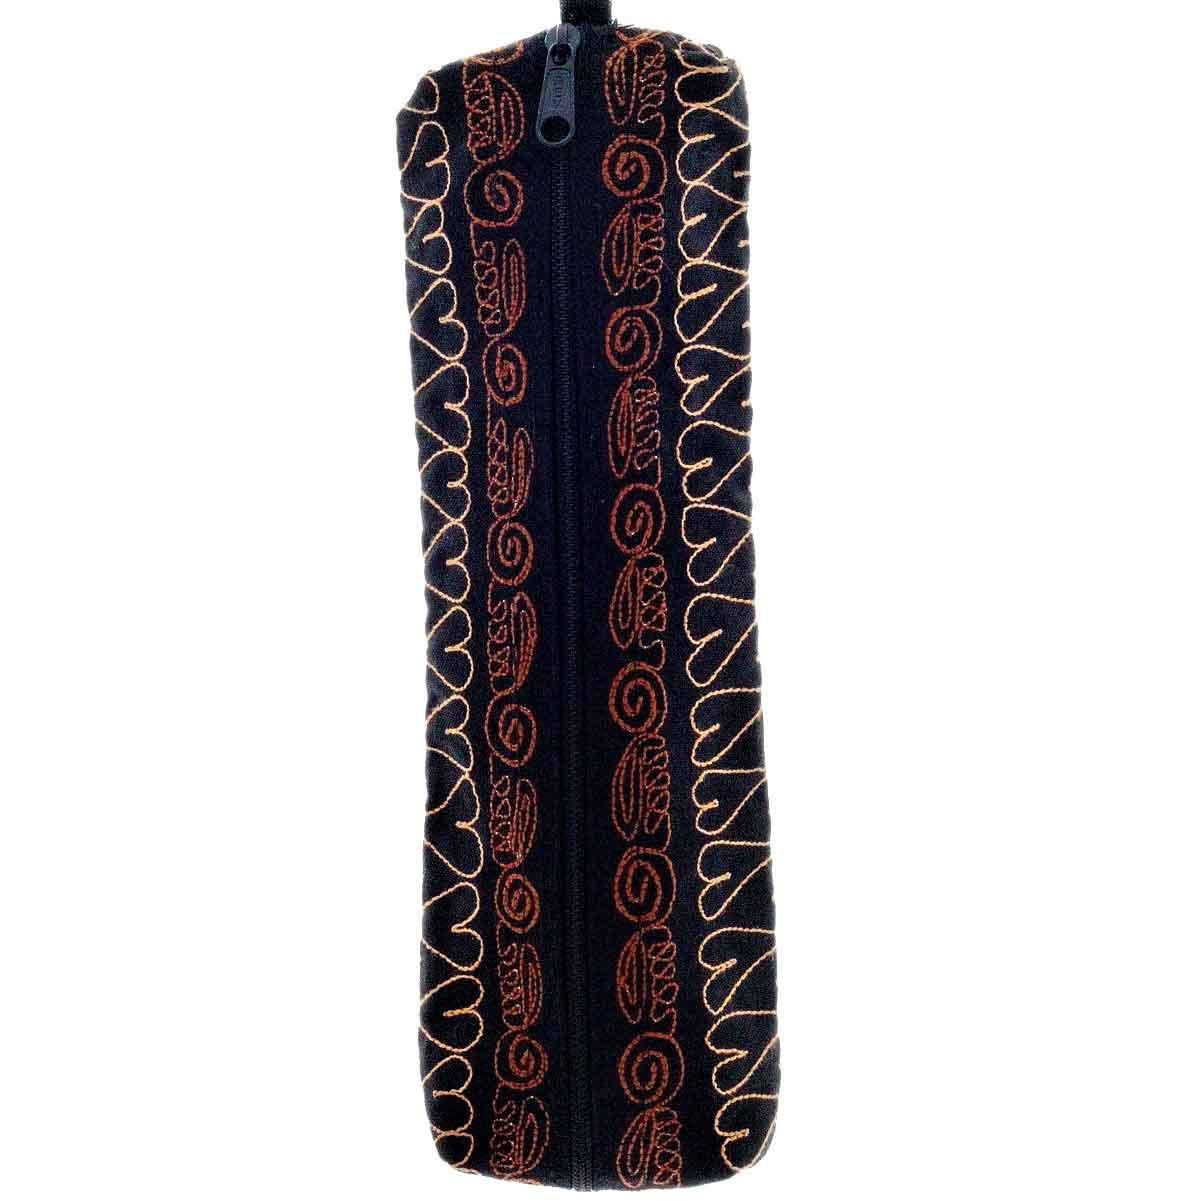 Inka-Products-Trousse Vallée du COLCA-Noir Motif Vigogne Sauvage-2